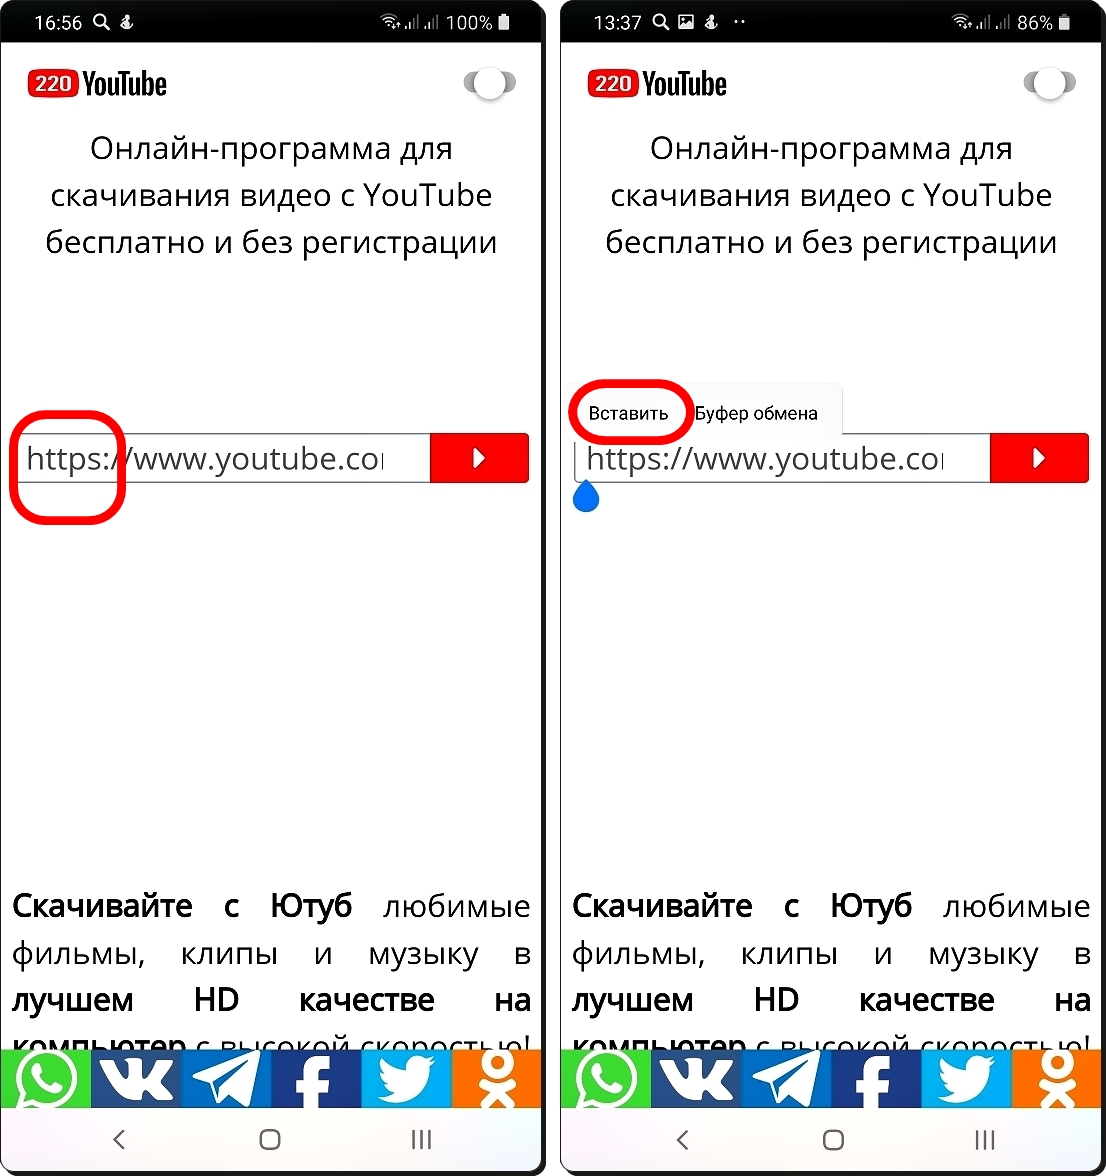 Экран 15 и 16 Видео с YouTube